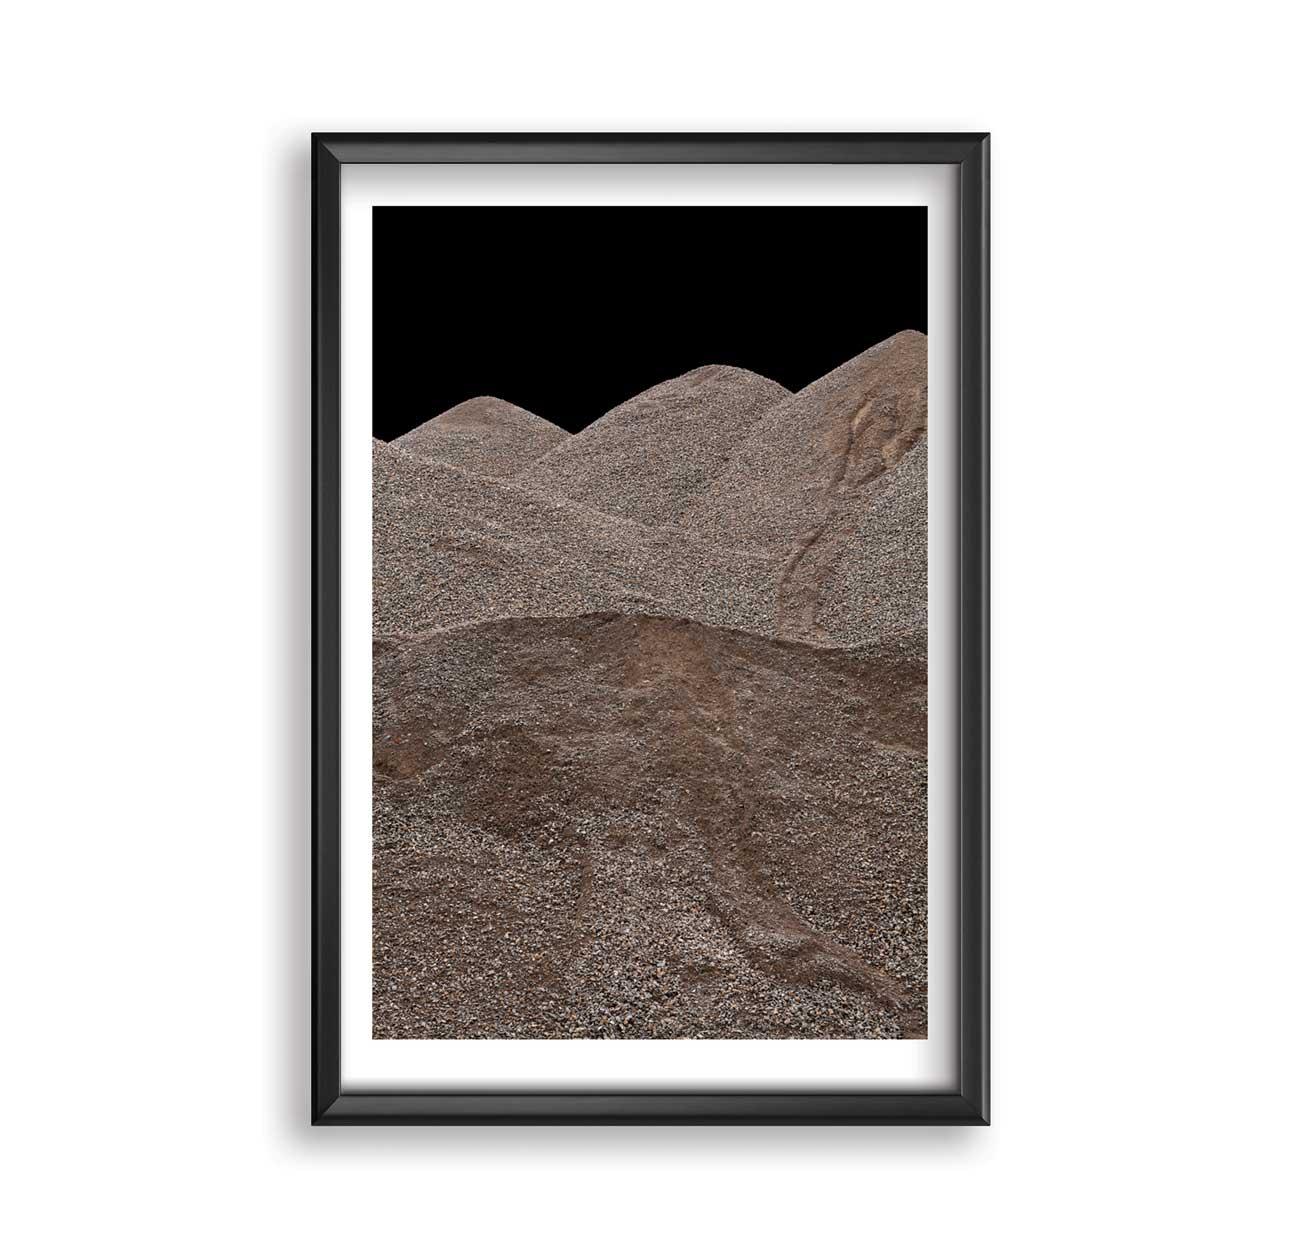 tirage limit un autre paysage 21 aur lie foussard photographie d 39 art contemporain. Black Bedroom Furniture Sets. Home Design Ideas